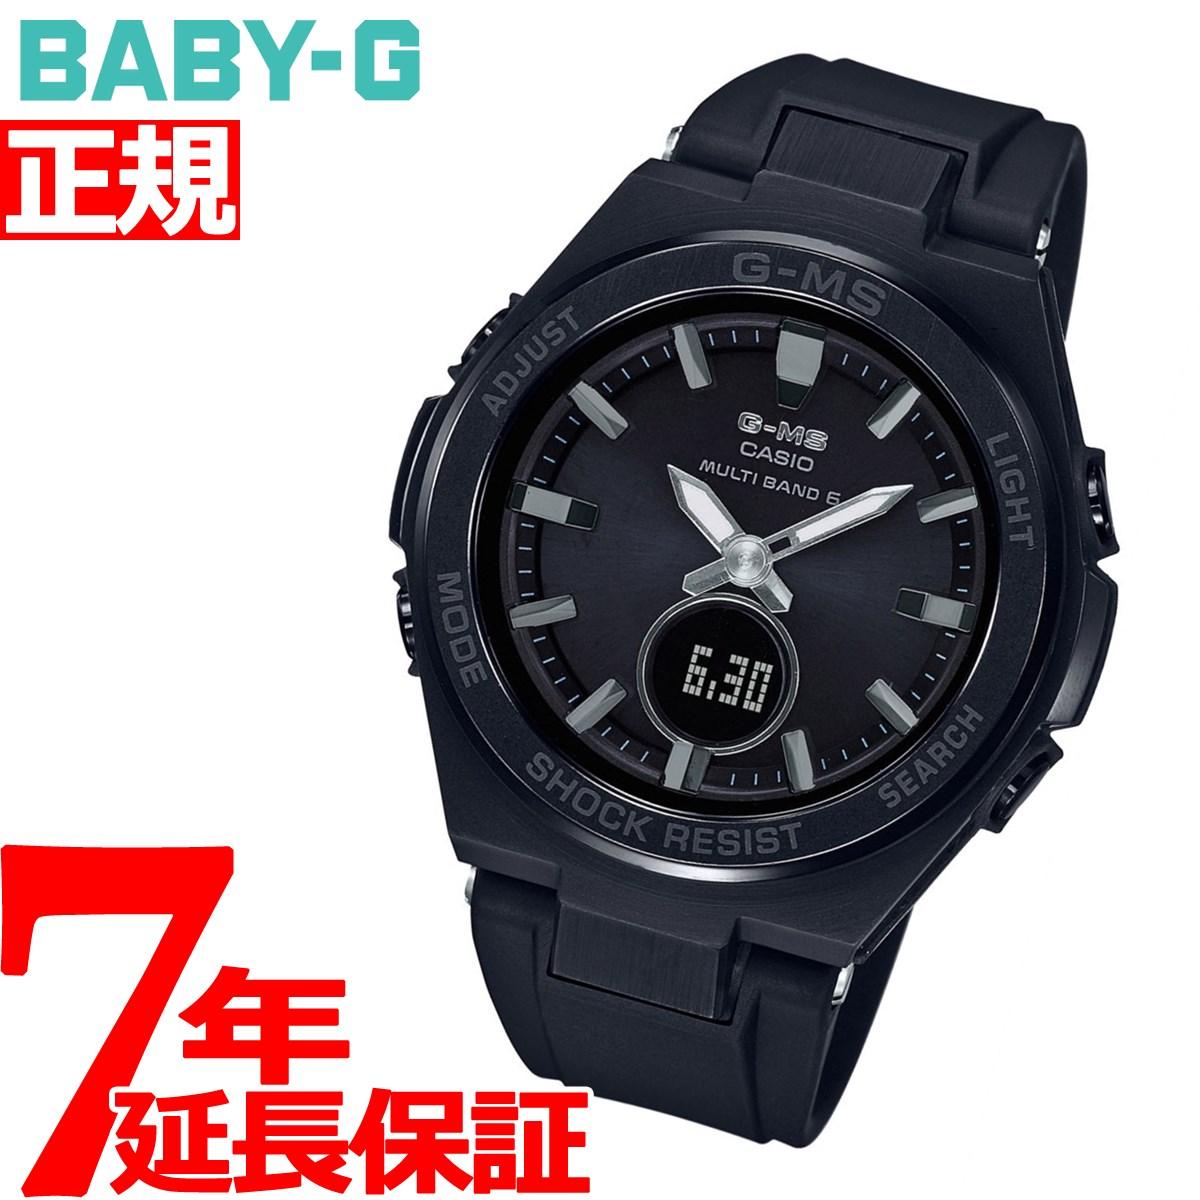 明日20時~ 店内ポイント最大47倍のビッグチャンス!BABY-G カシオ ベビーG レディース G-MS 電波 ソーラー 腕時計 タフソーラー MSG-W200G-1A2JF【2018 新作】